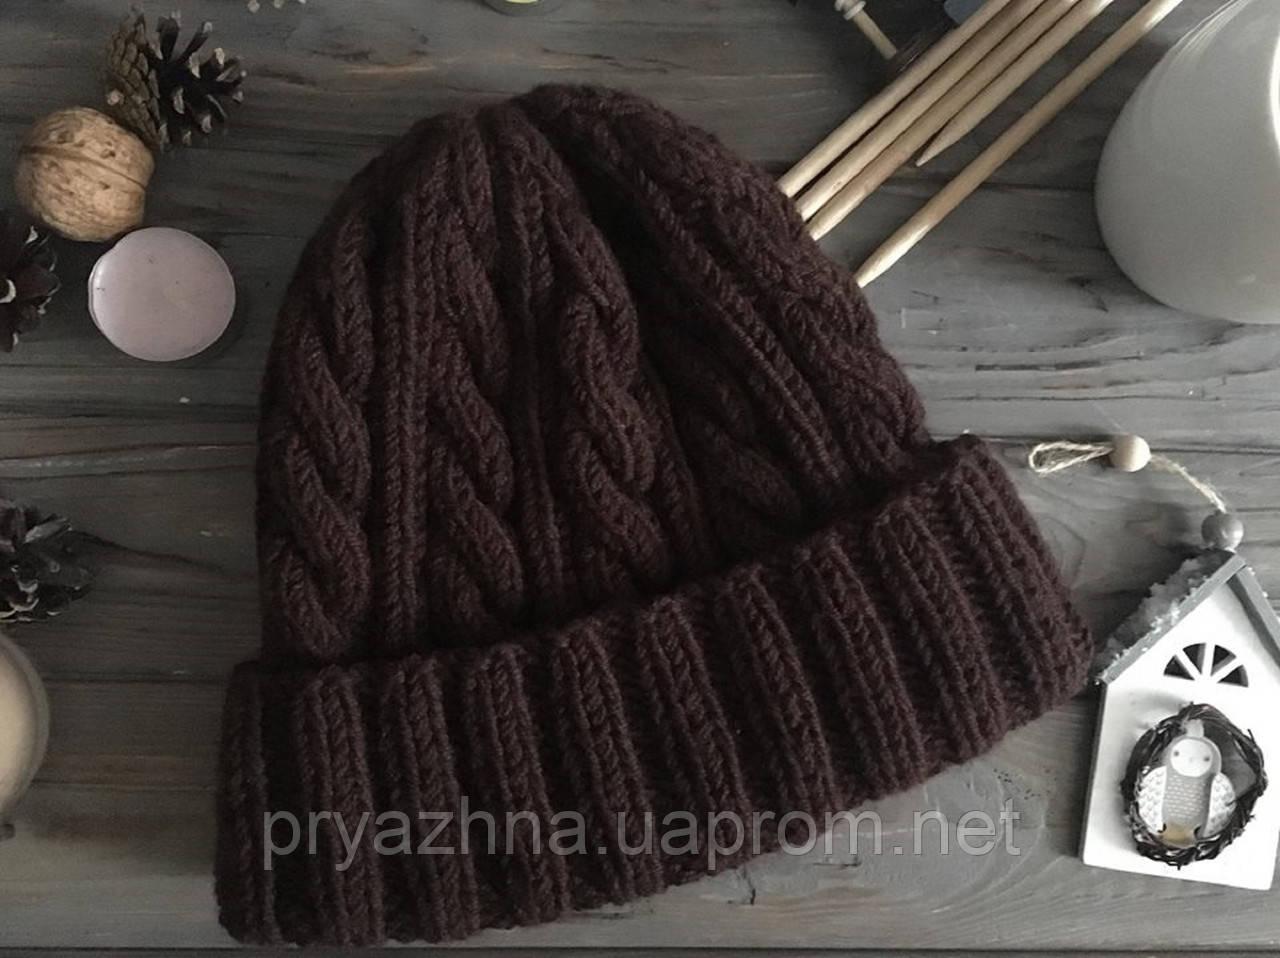 мужская вязаная шапка шерстяная зимняя шапка теплая вязаная